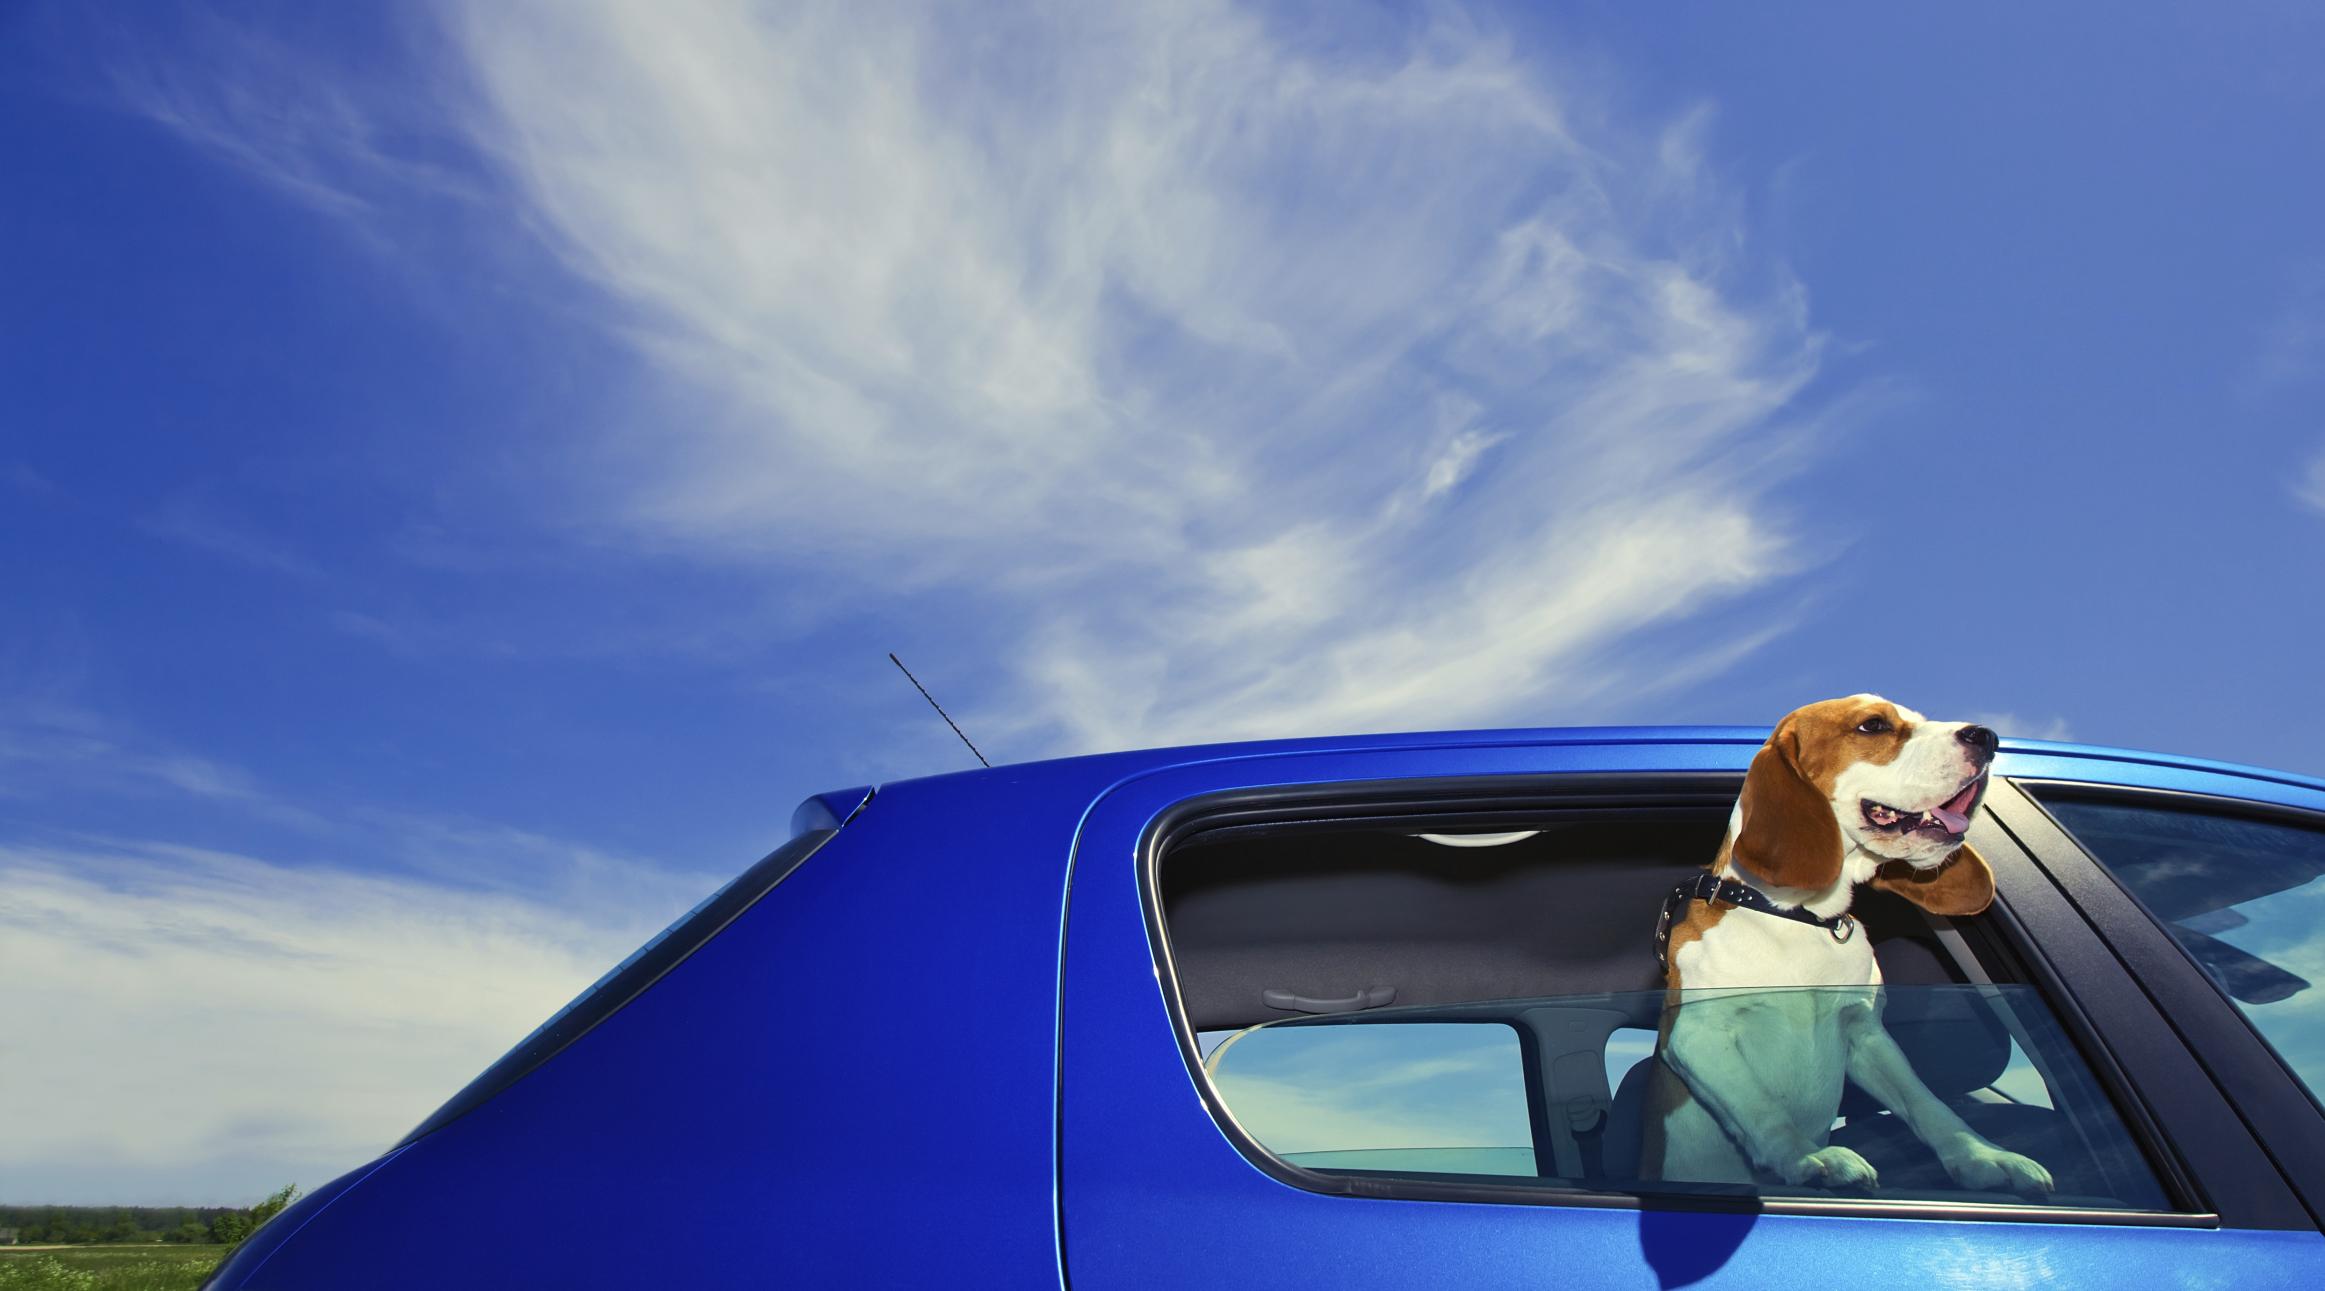 Conoce la forma adecuada de viajar con perros en el coche.